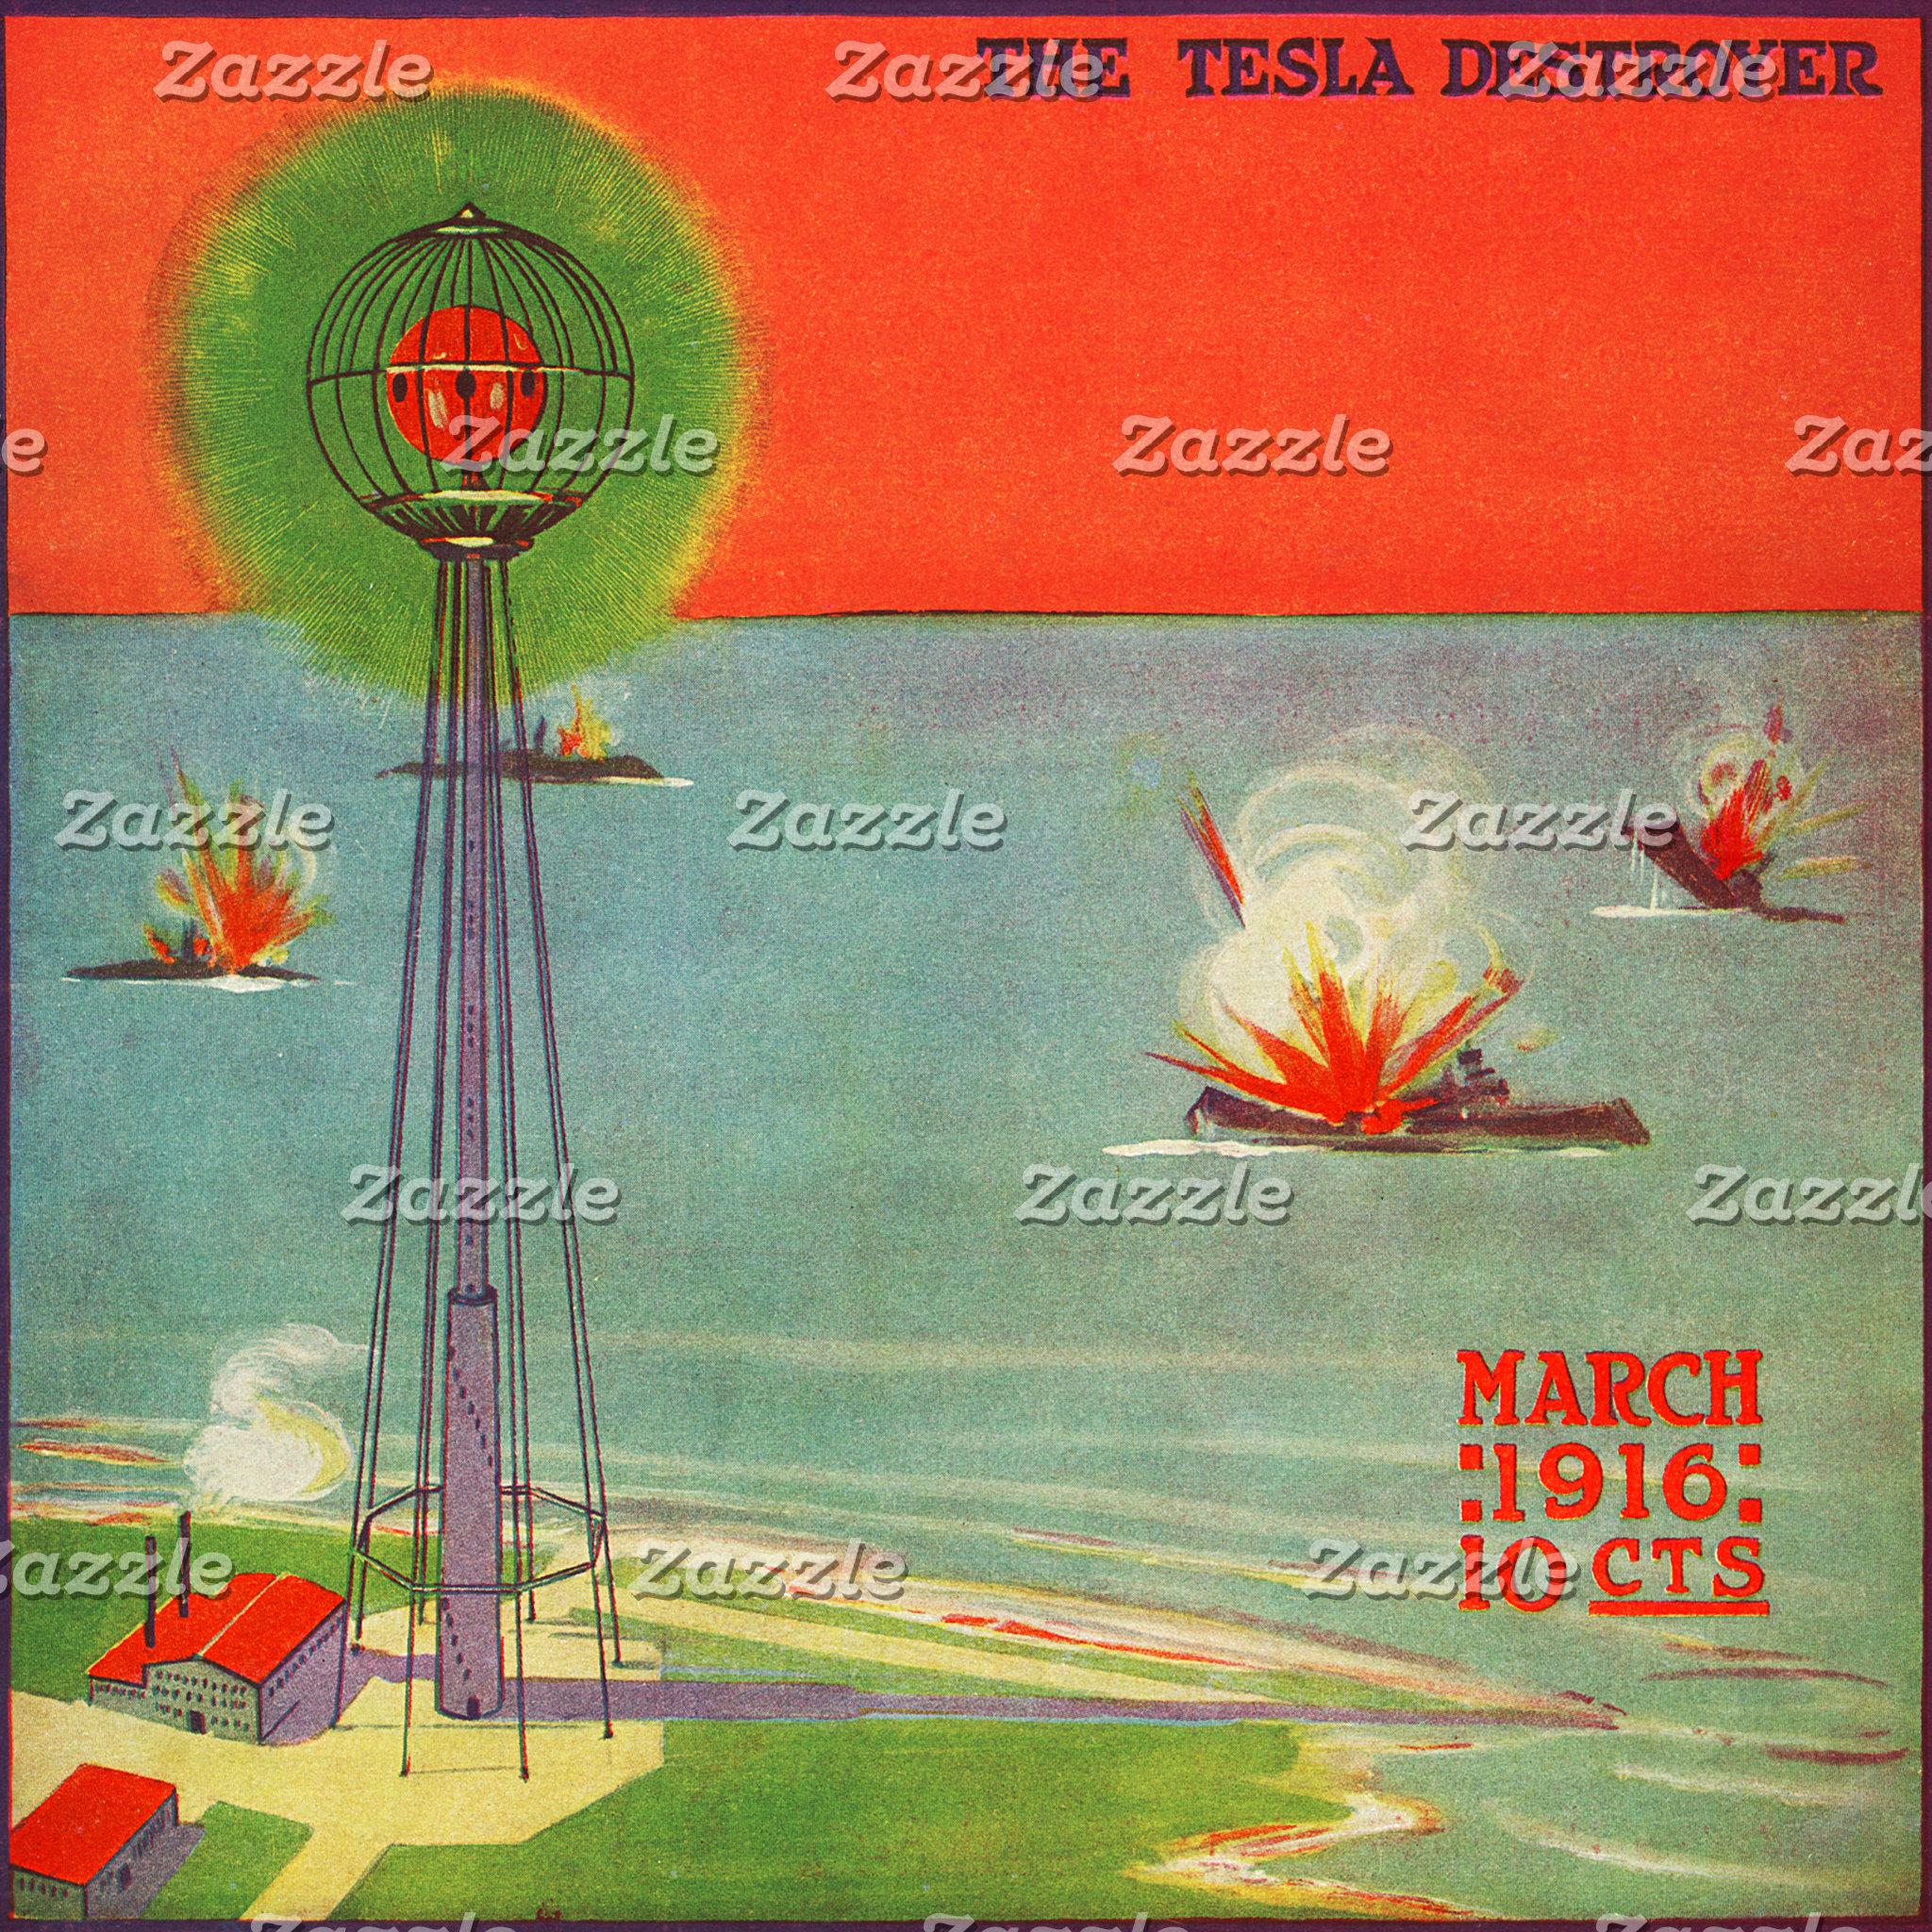 Tesla Destroyer